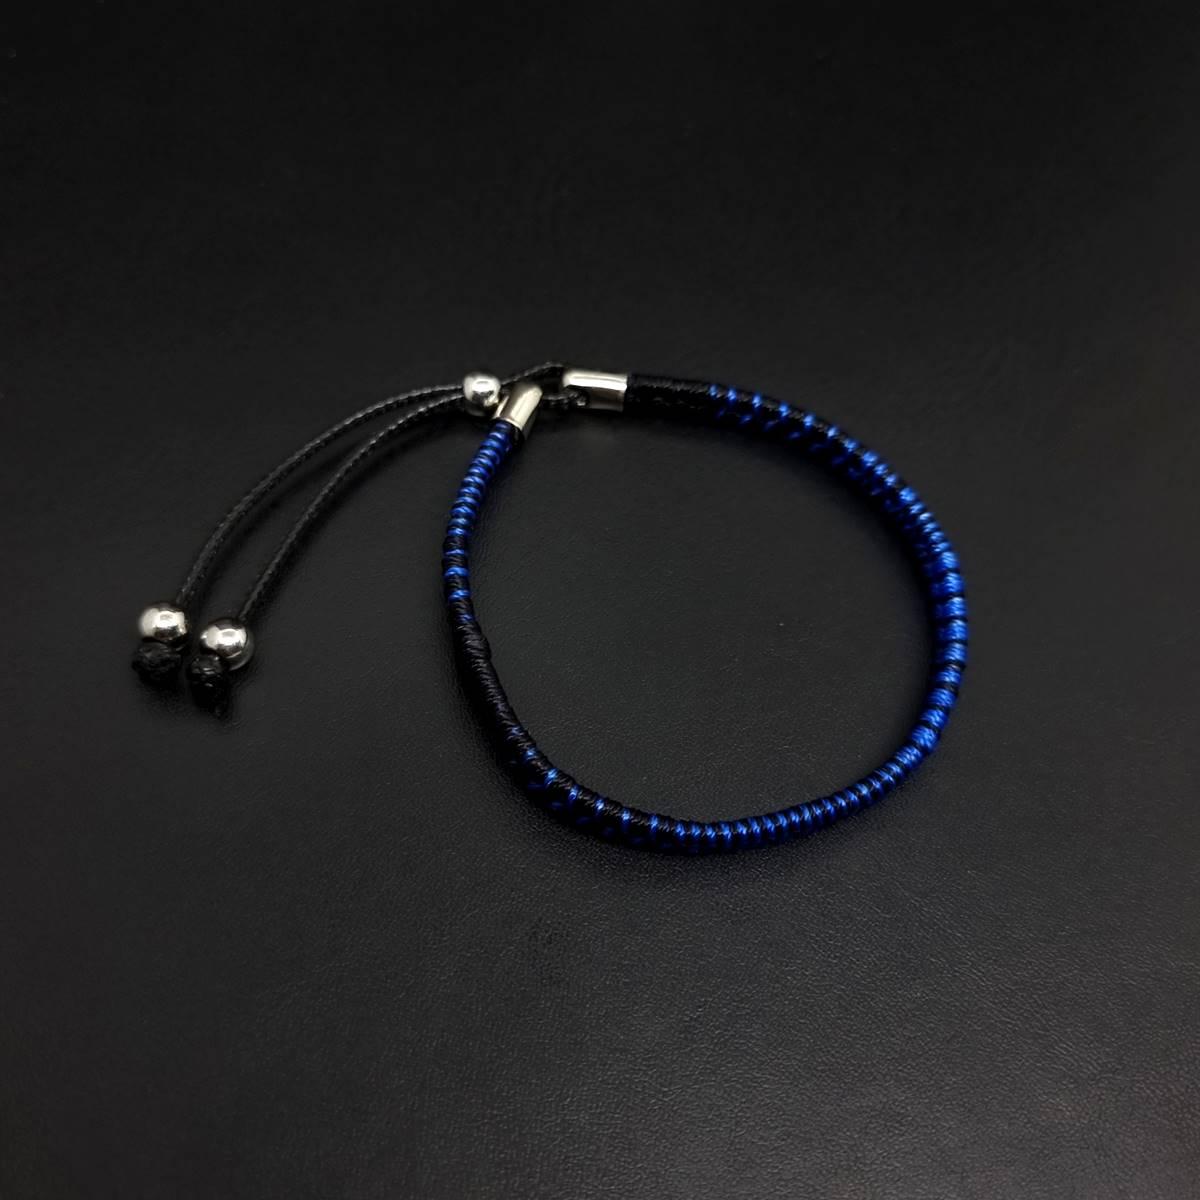 Pulseira String Preta e Azul